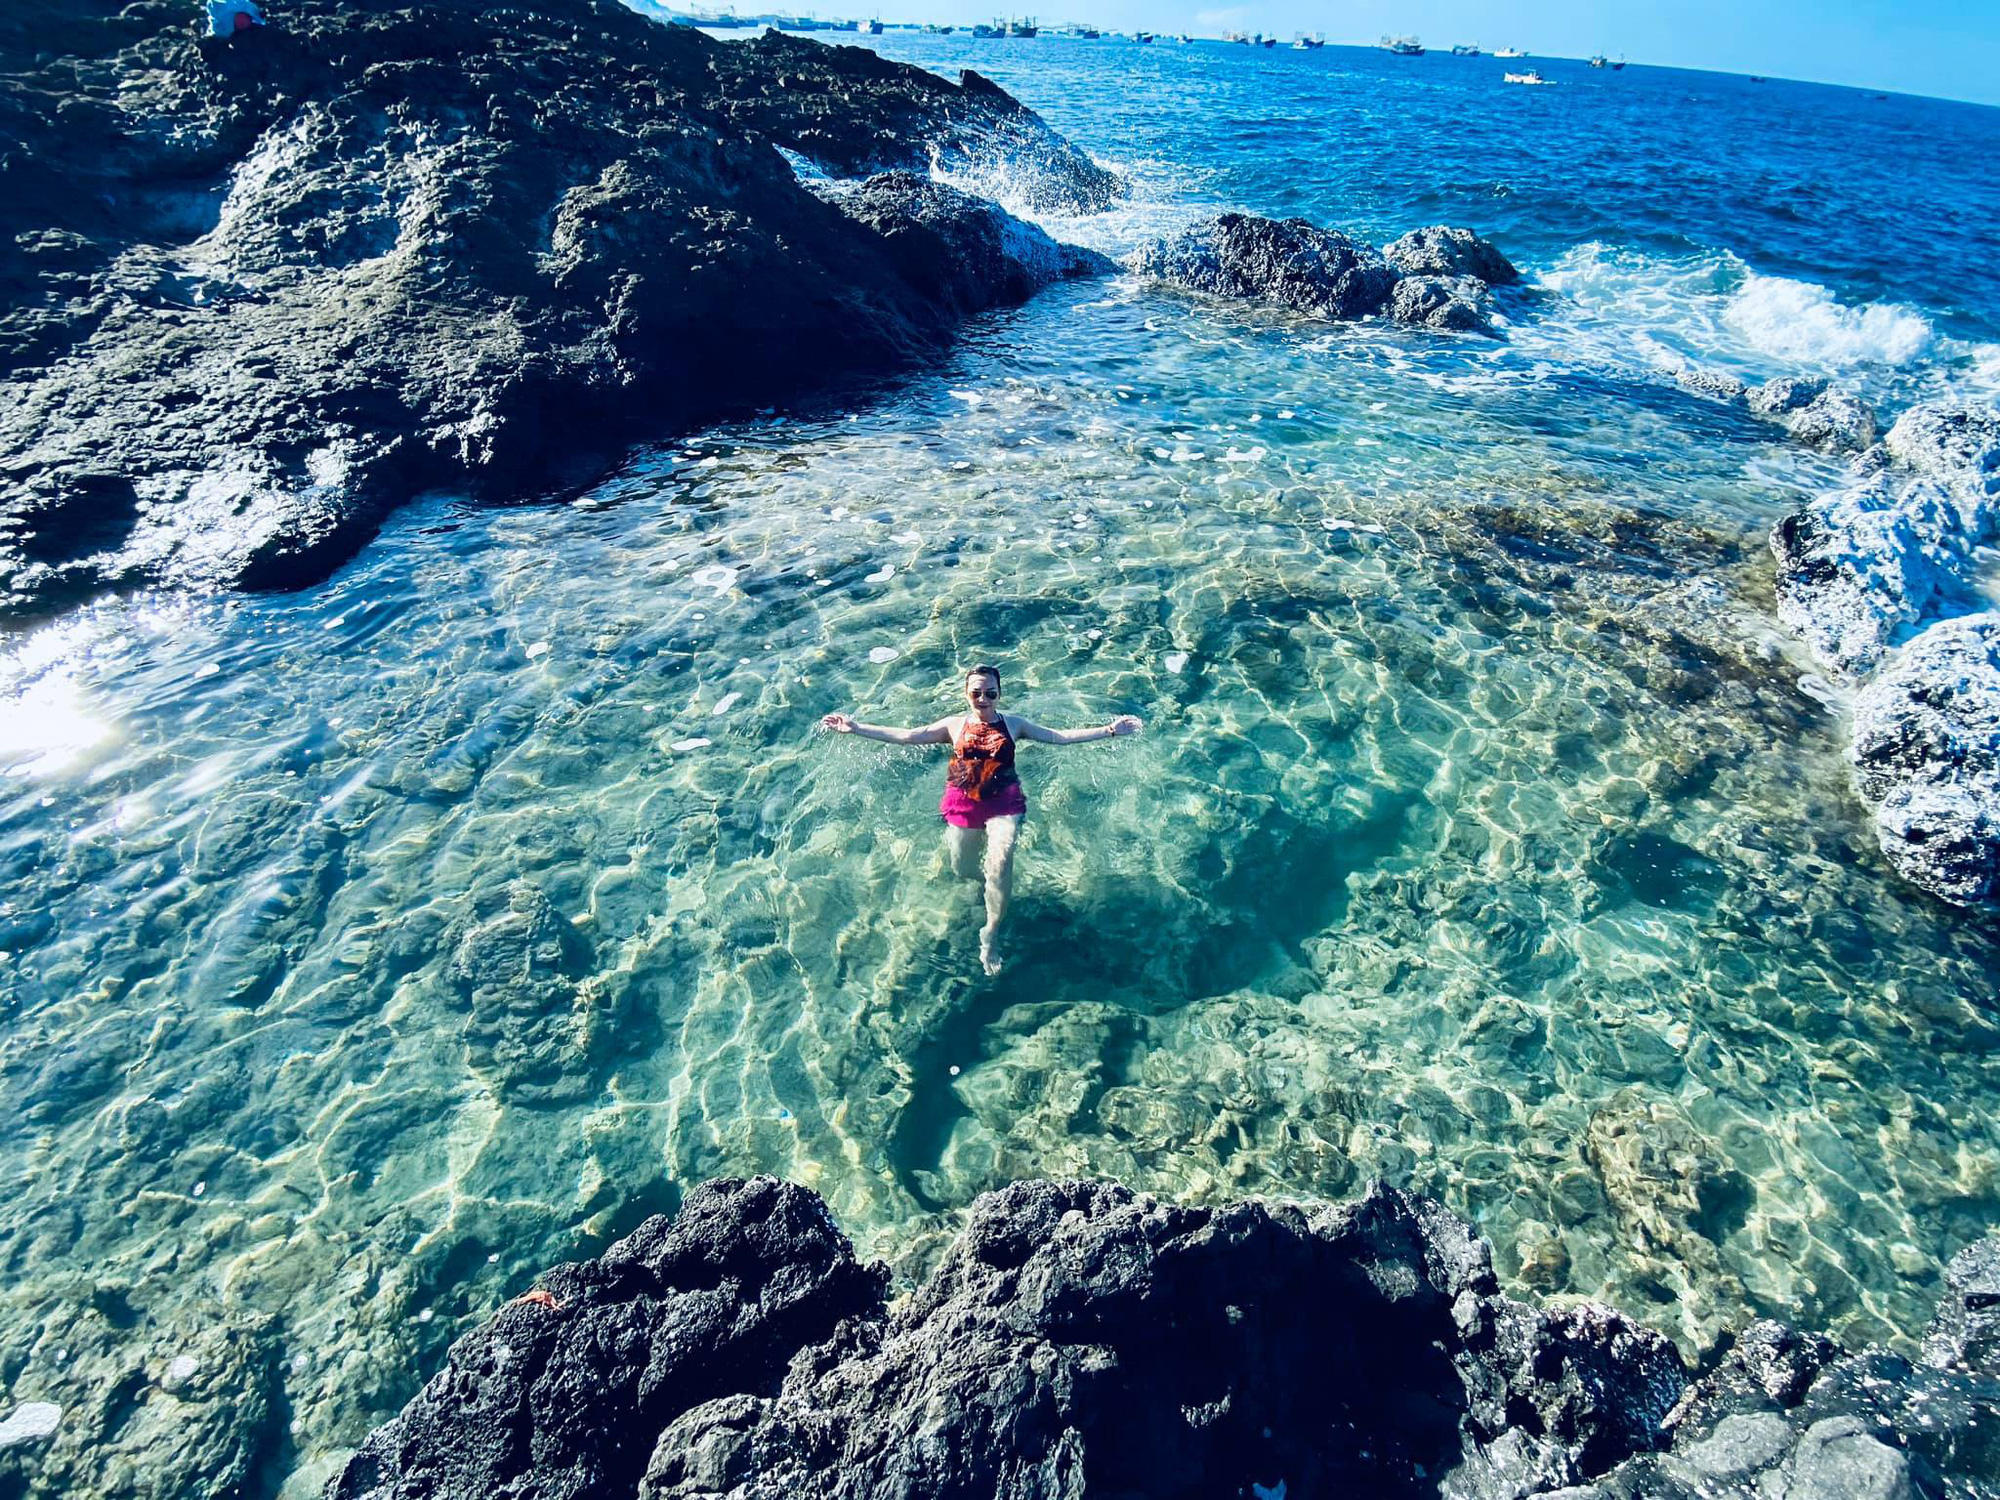 Bình Thuận: Hồ bơi tự nhiên nổi trên biển đẹp như trời Âu  - Ảnh 1.